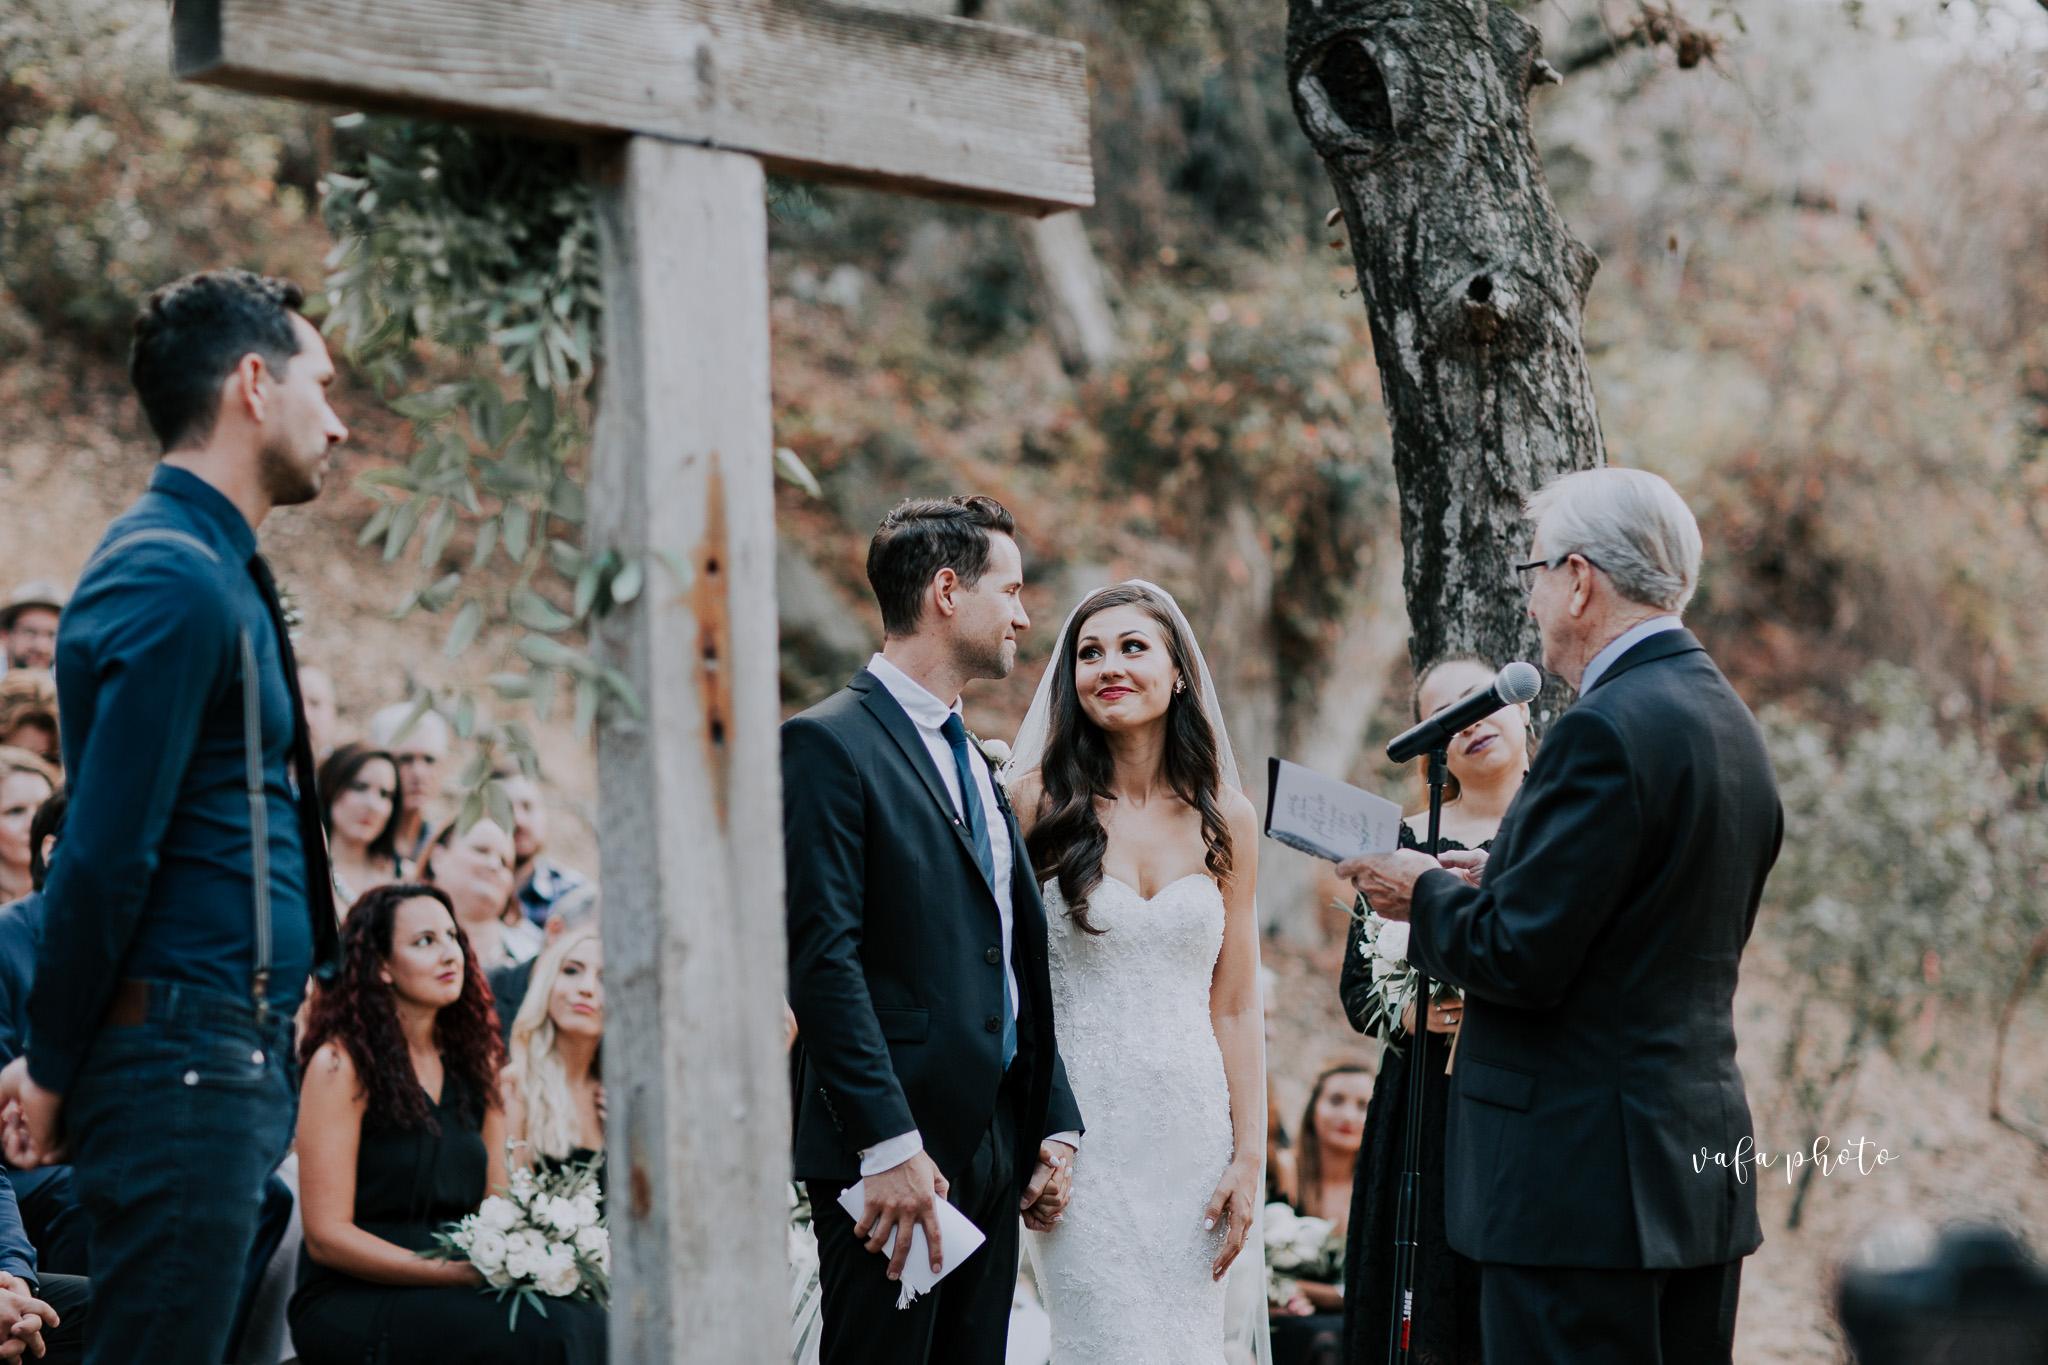 Southern-California-Wedding-Britt-Nilsson-Jeremy-Byrne-Vafa-Photo-428.jpg